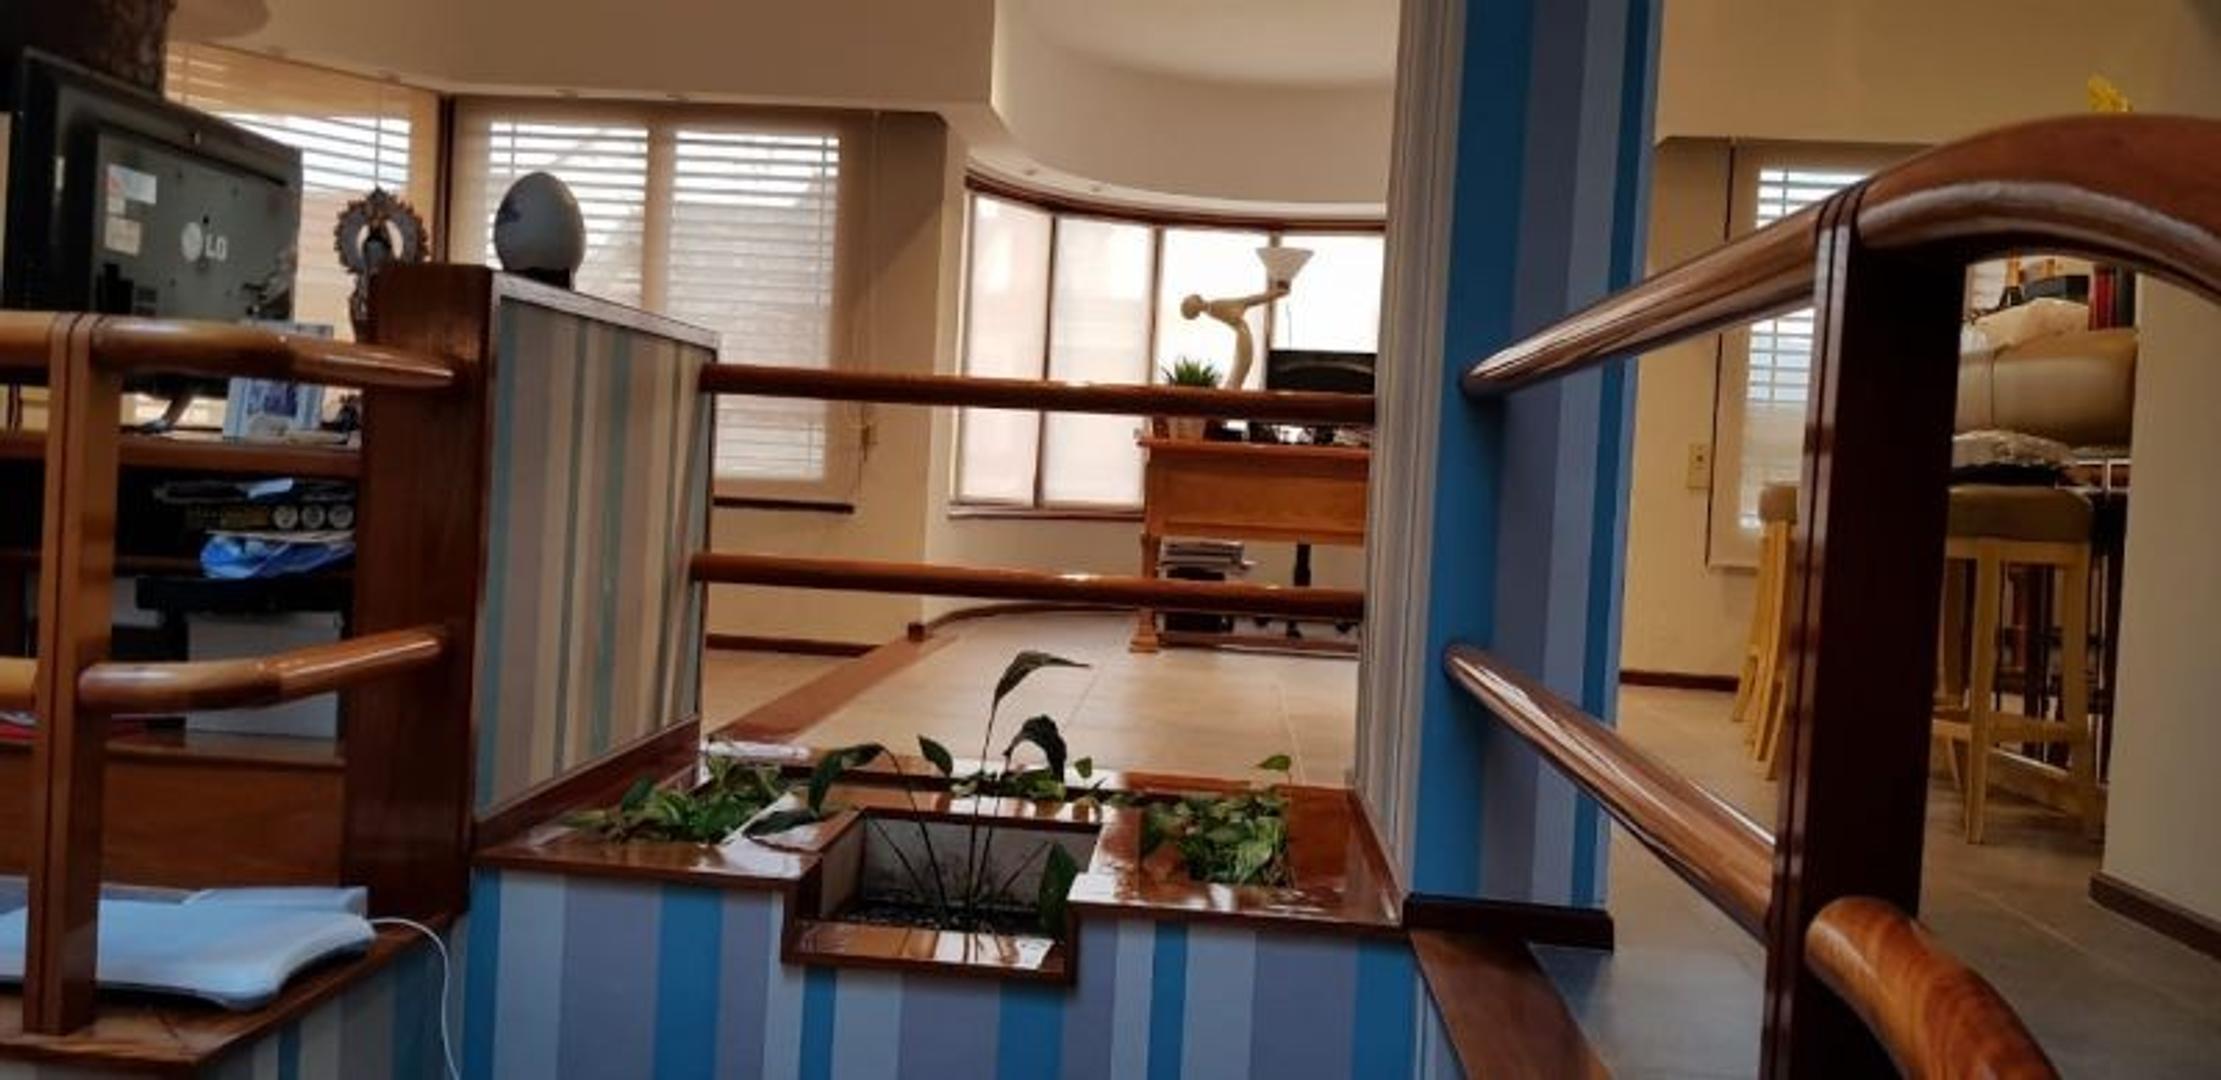 Casa en Venta en Liniers - 7 ambientes